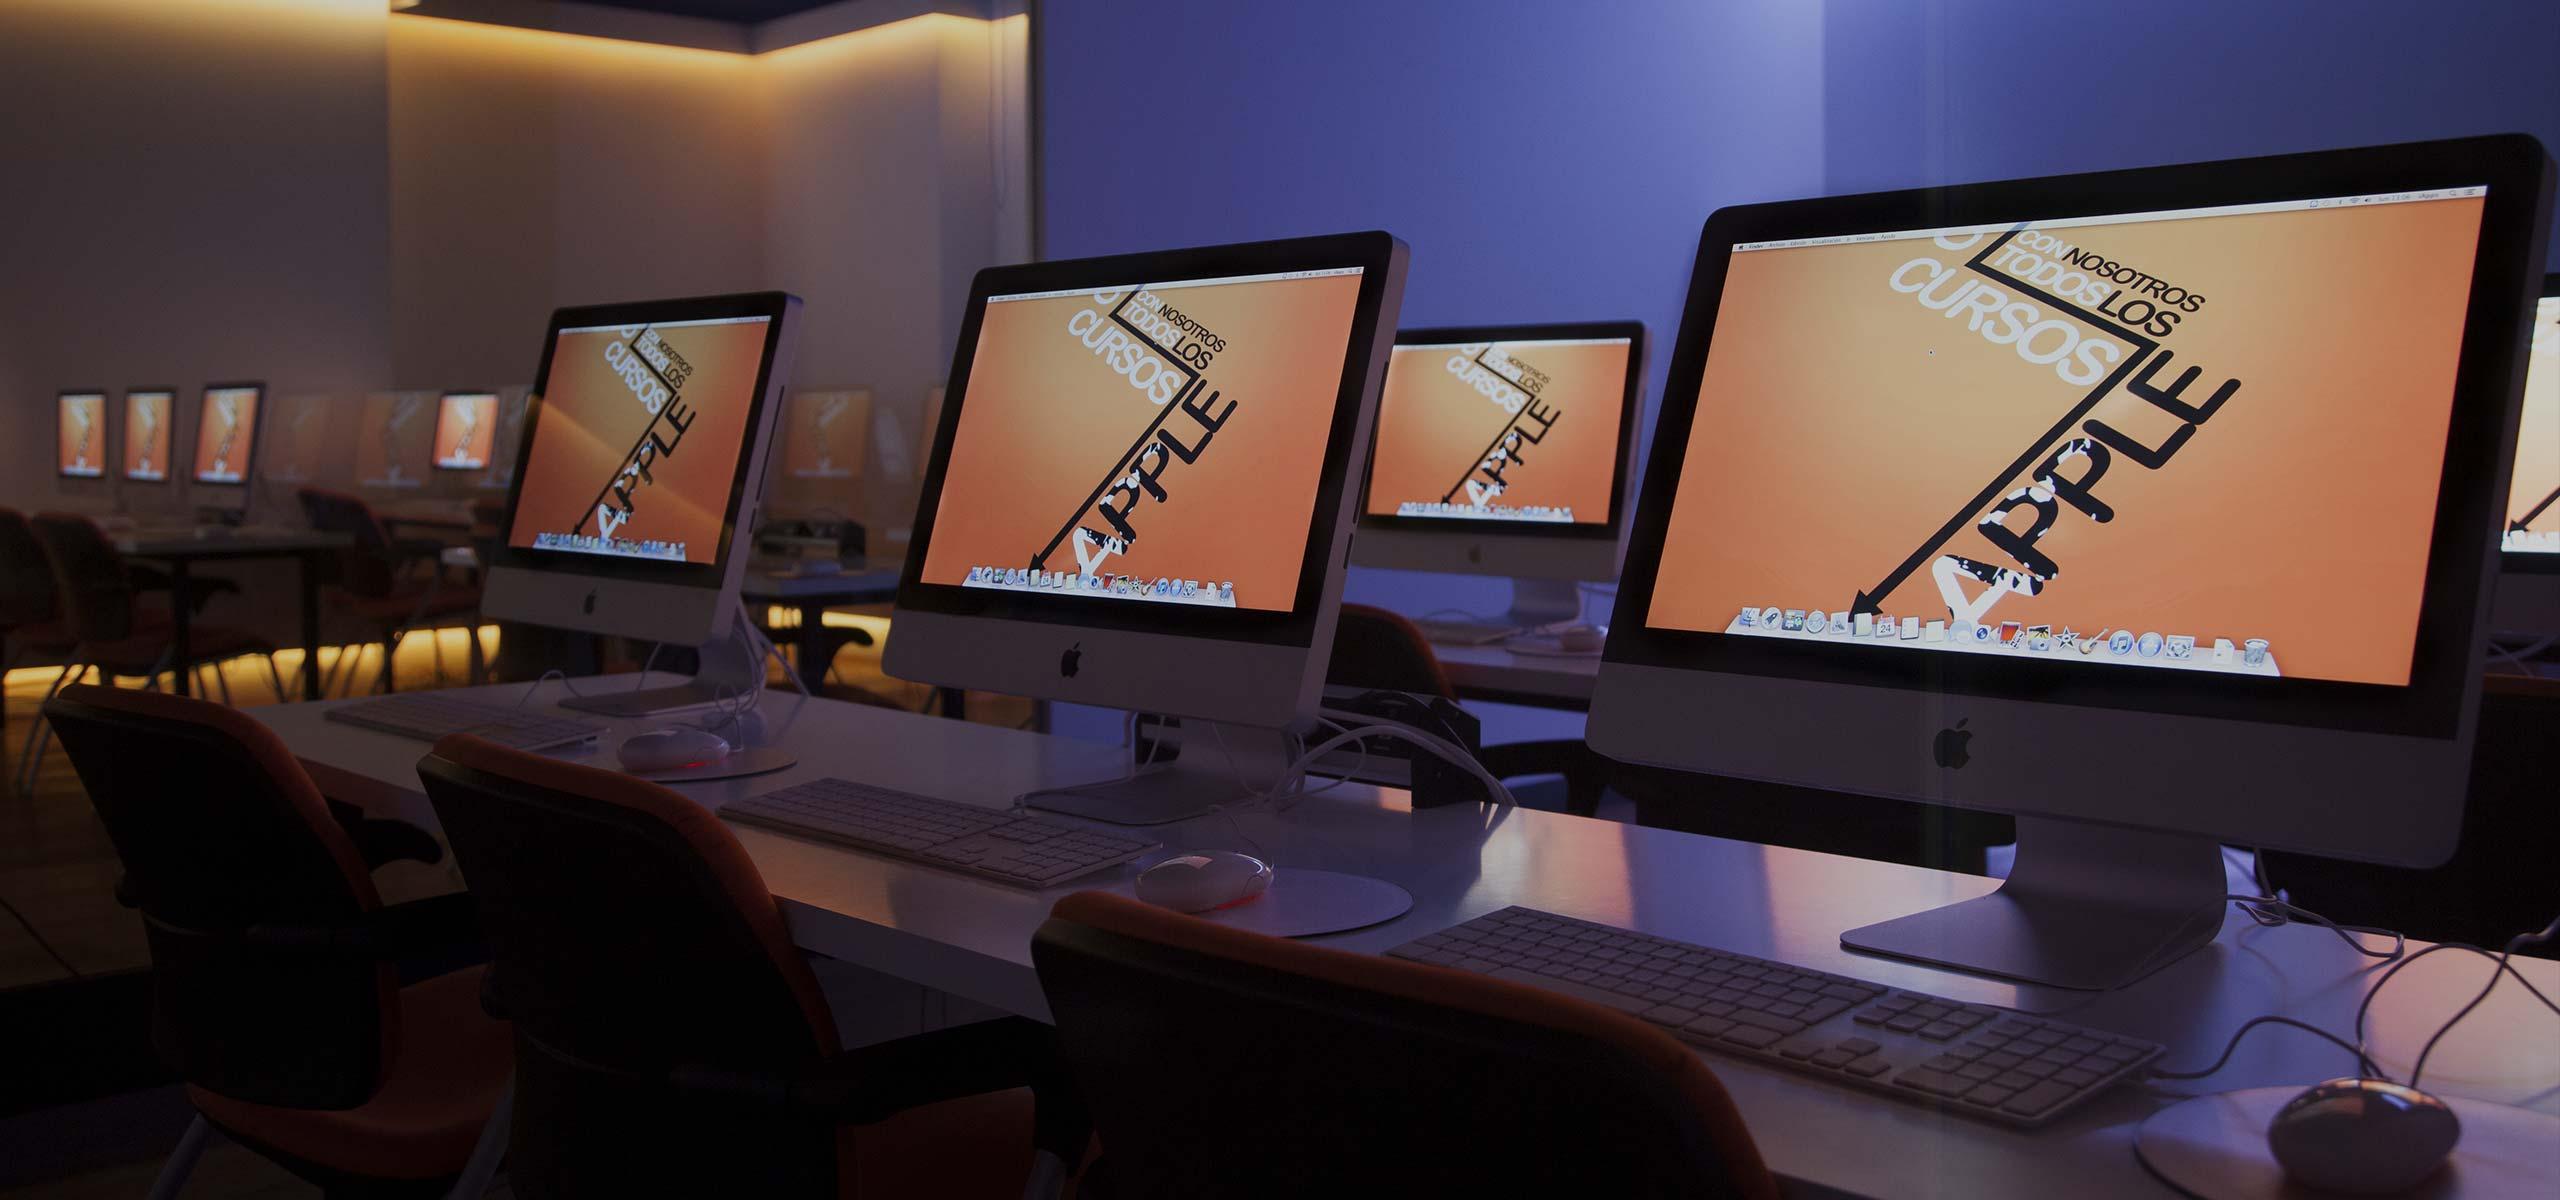 Centro de Formación Impartimos formación y cursos prácticos para que puedas aprender a sacar partido a tu dispositivo Apple